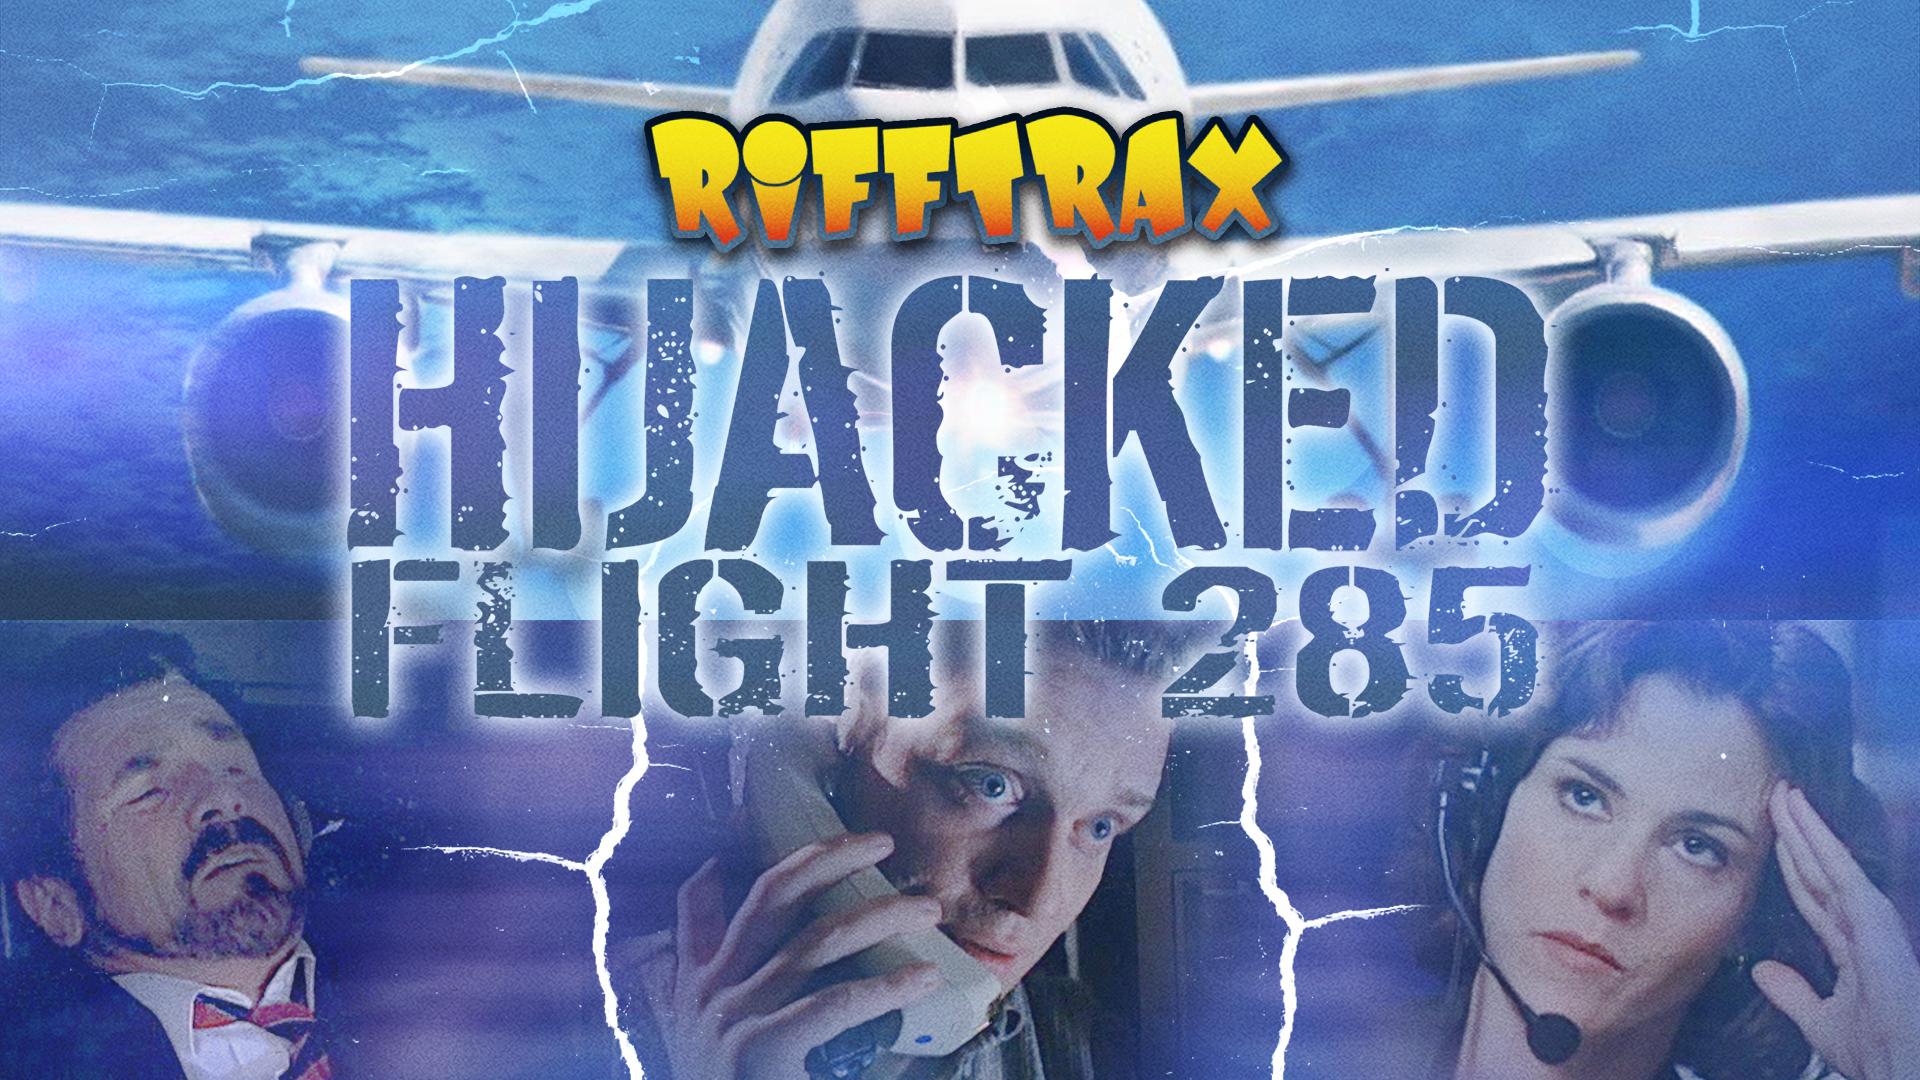 RiffTrax: Hijacked: Flight 285